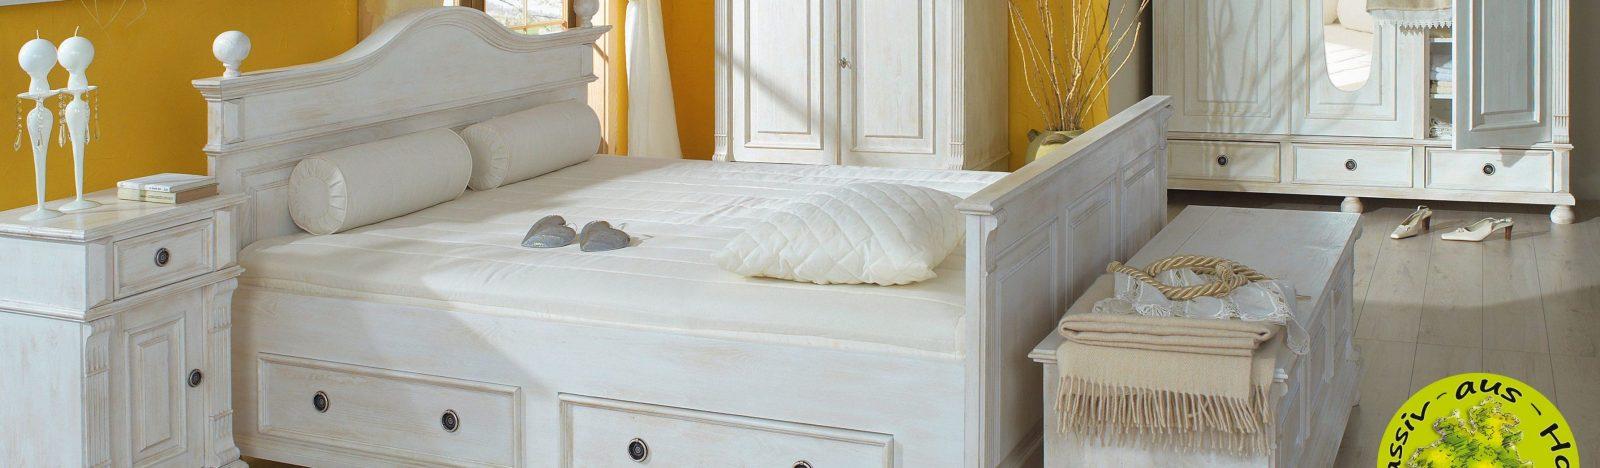 Landhausmoebel  Shabby Chic Alt Weiß Von Massiv Aus Holz  Homify von Bett Shabby Chic Weiß Photo